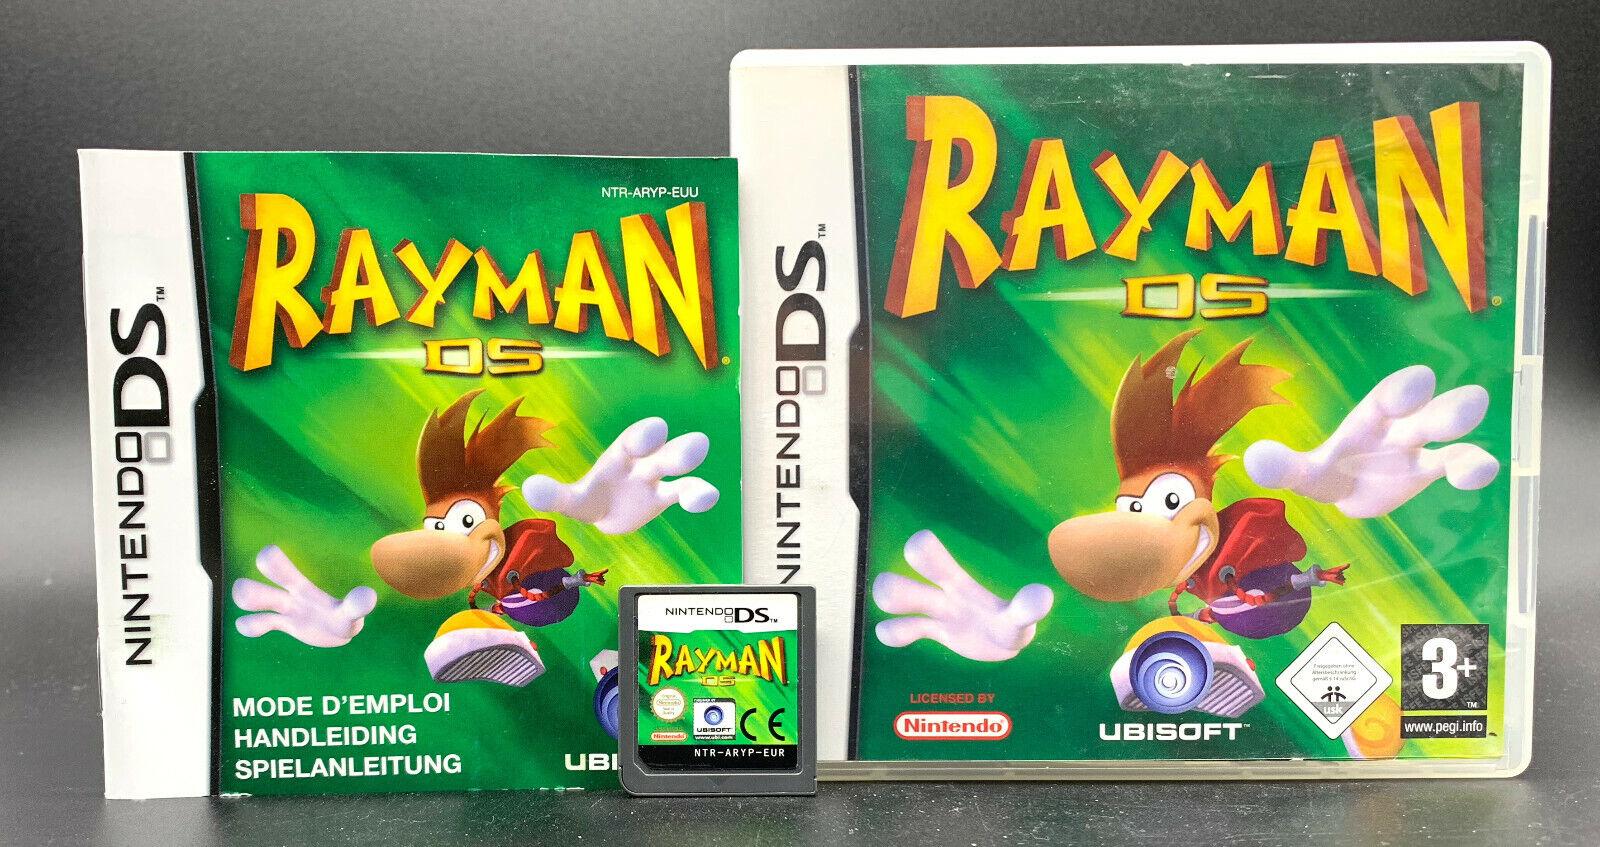 Spiel: RAYMAN DS für Nintendo DS + Lite + Dsi + XL + 3DS + XL + 2DS